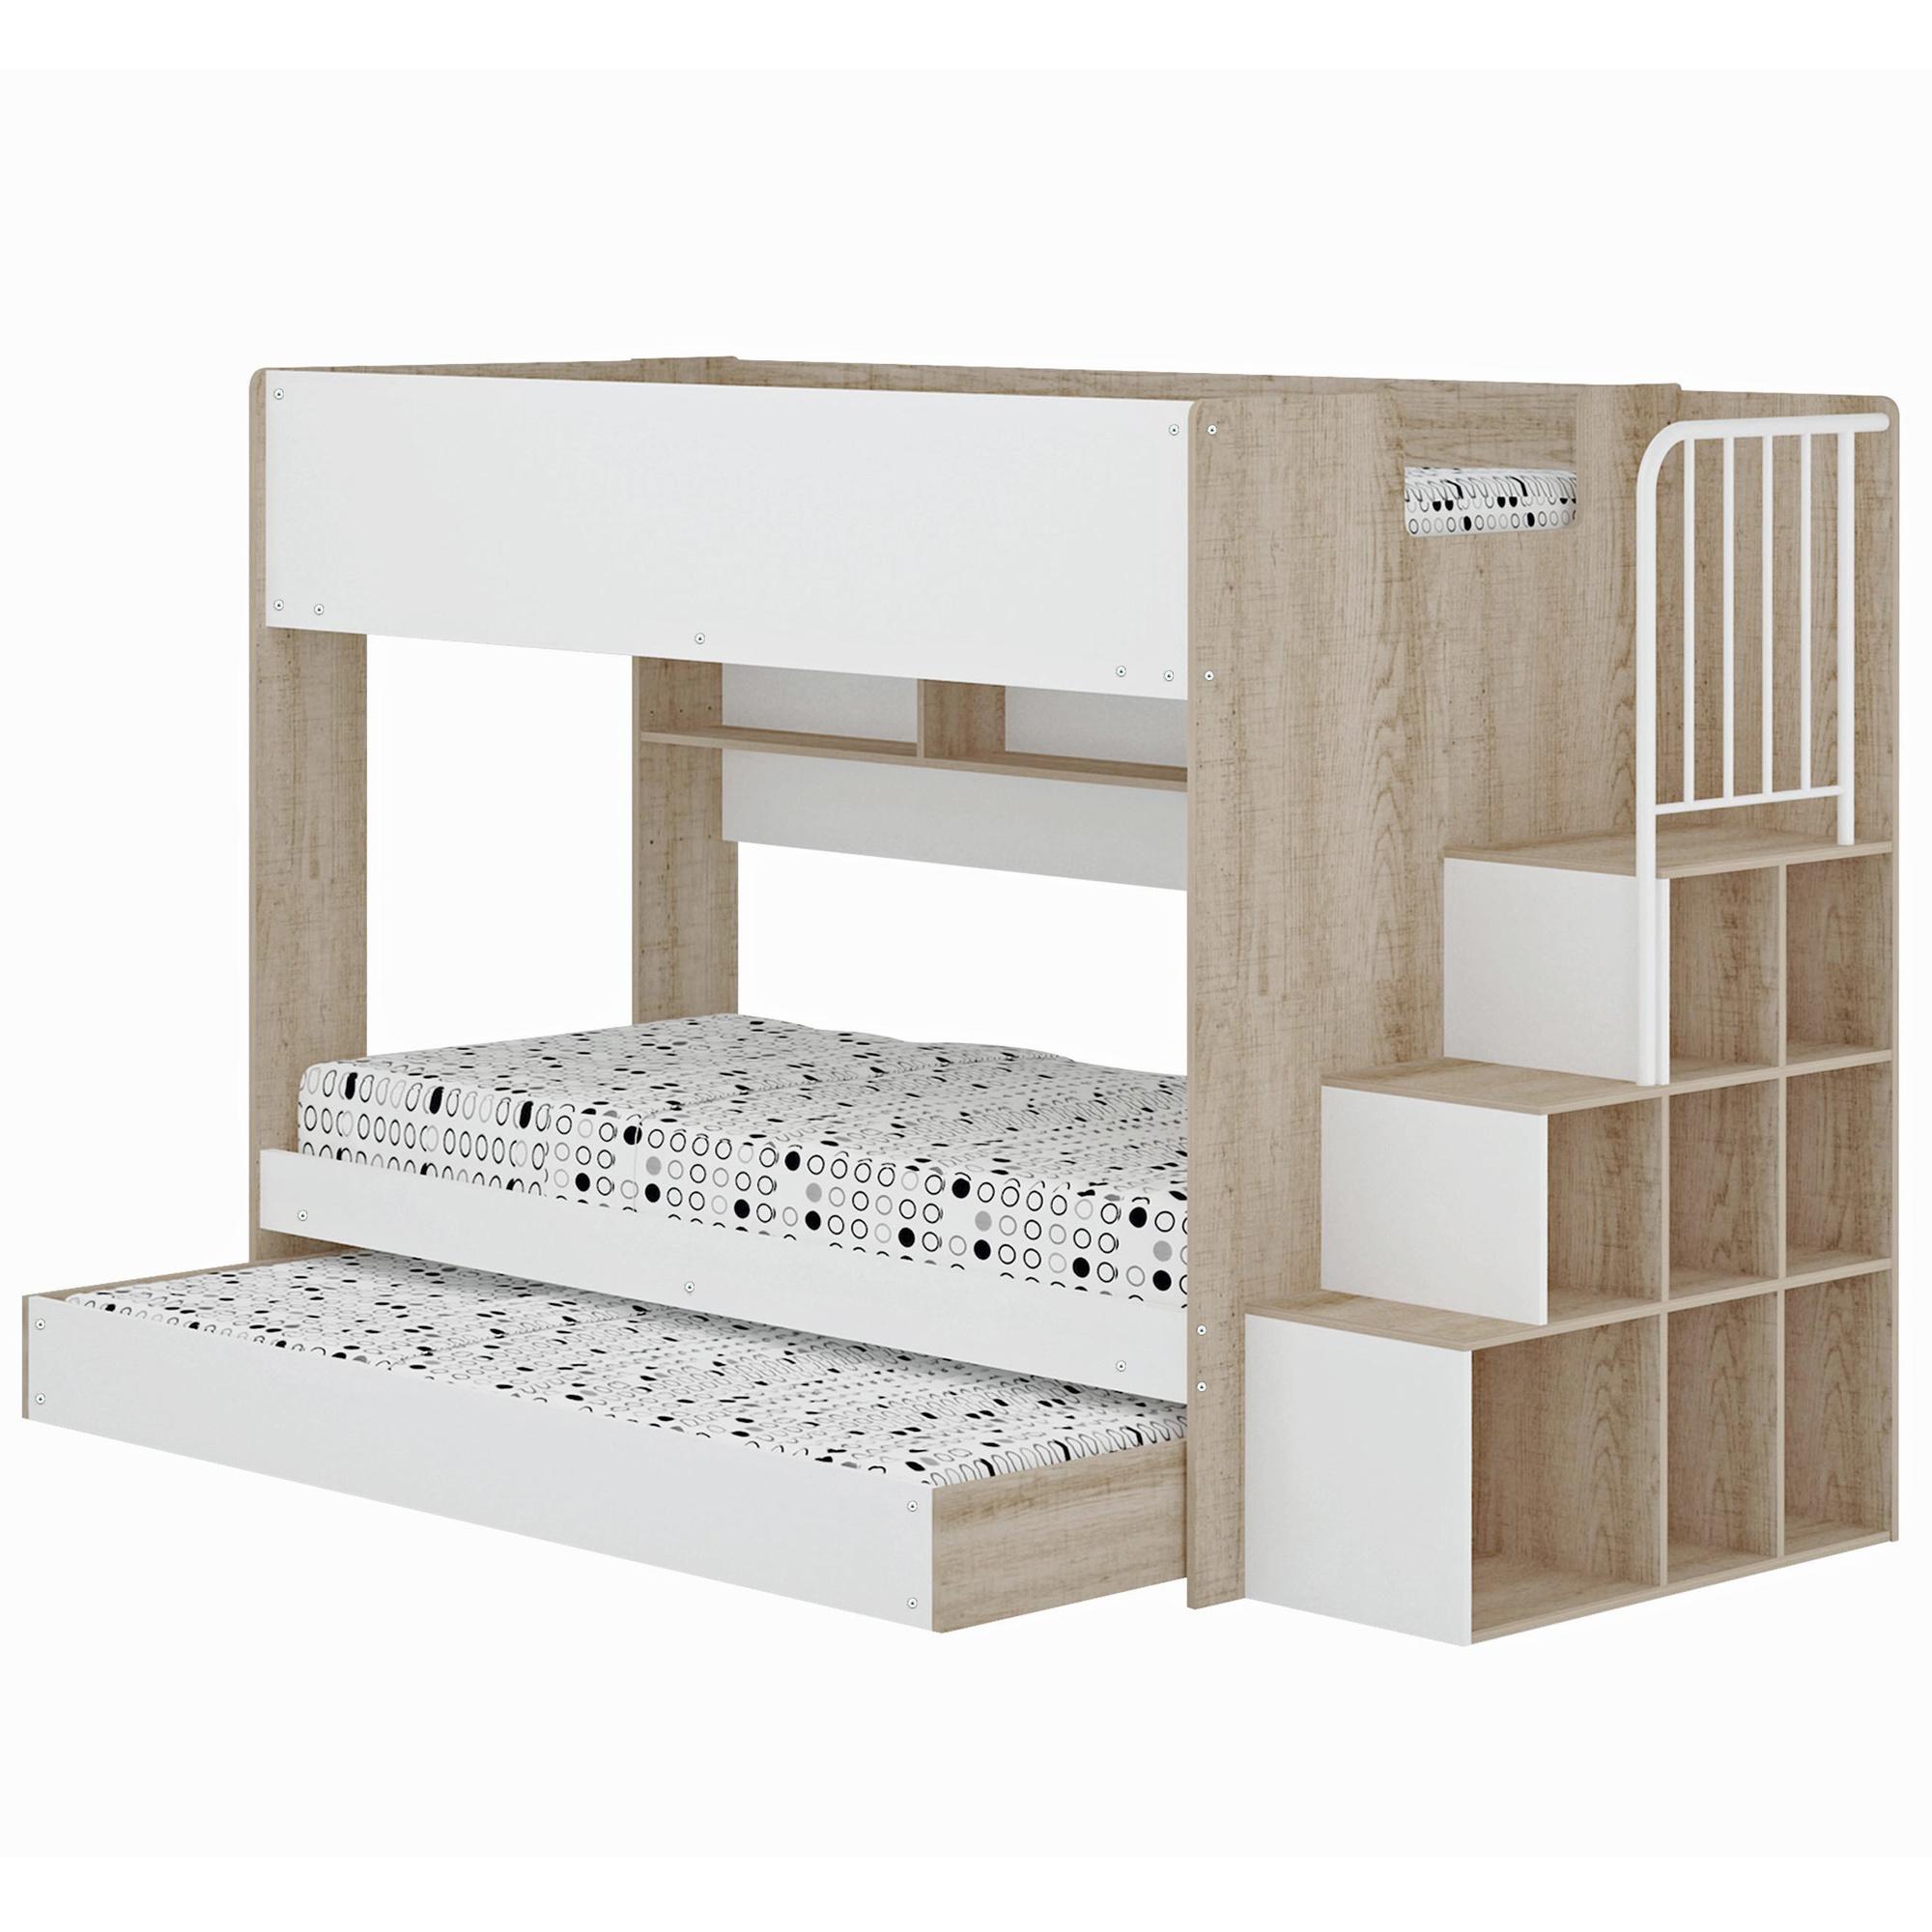 new product 6ff6e 936bb Cruz Trio Single Bunk Bed & Shelves